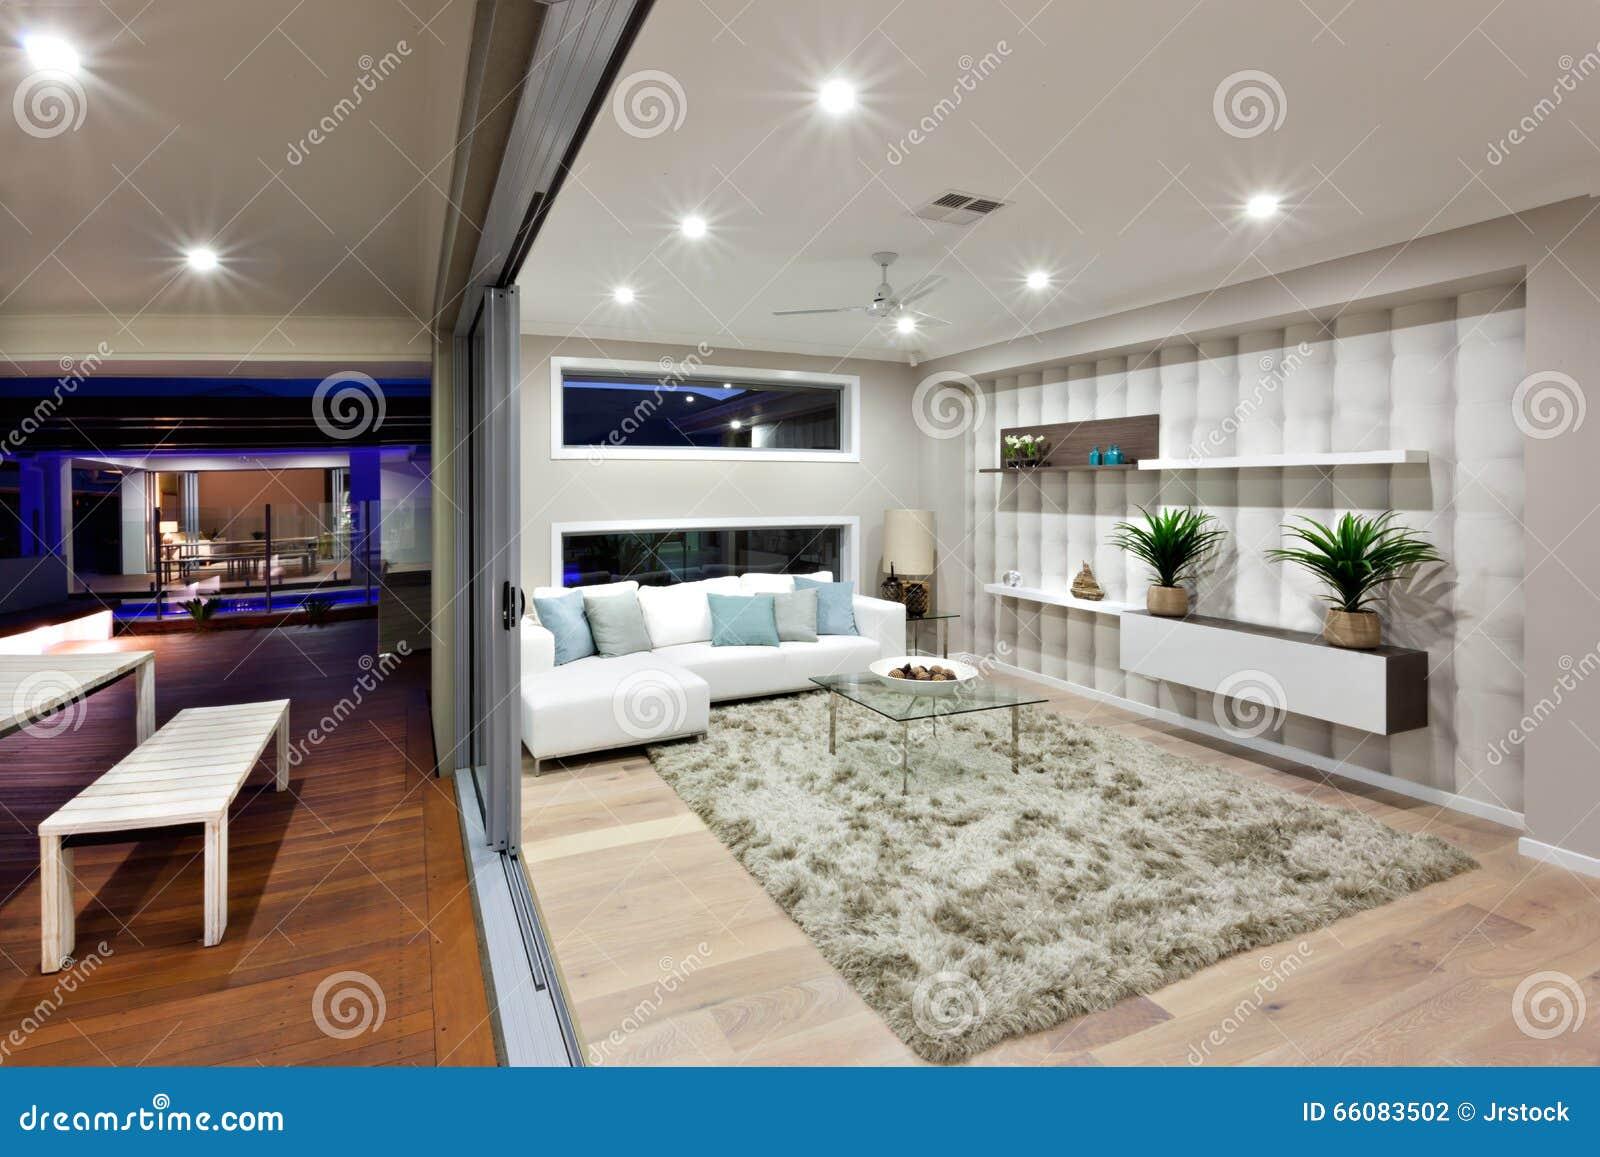 Decorazioni Per Casa Moderna : Illuminazione moderna del salone con la decorazione alla notte